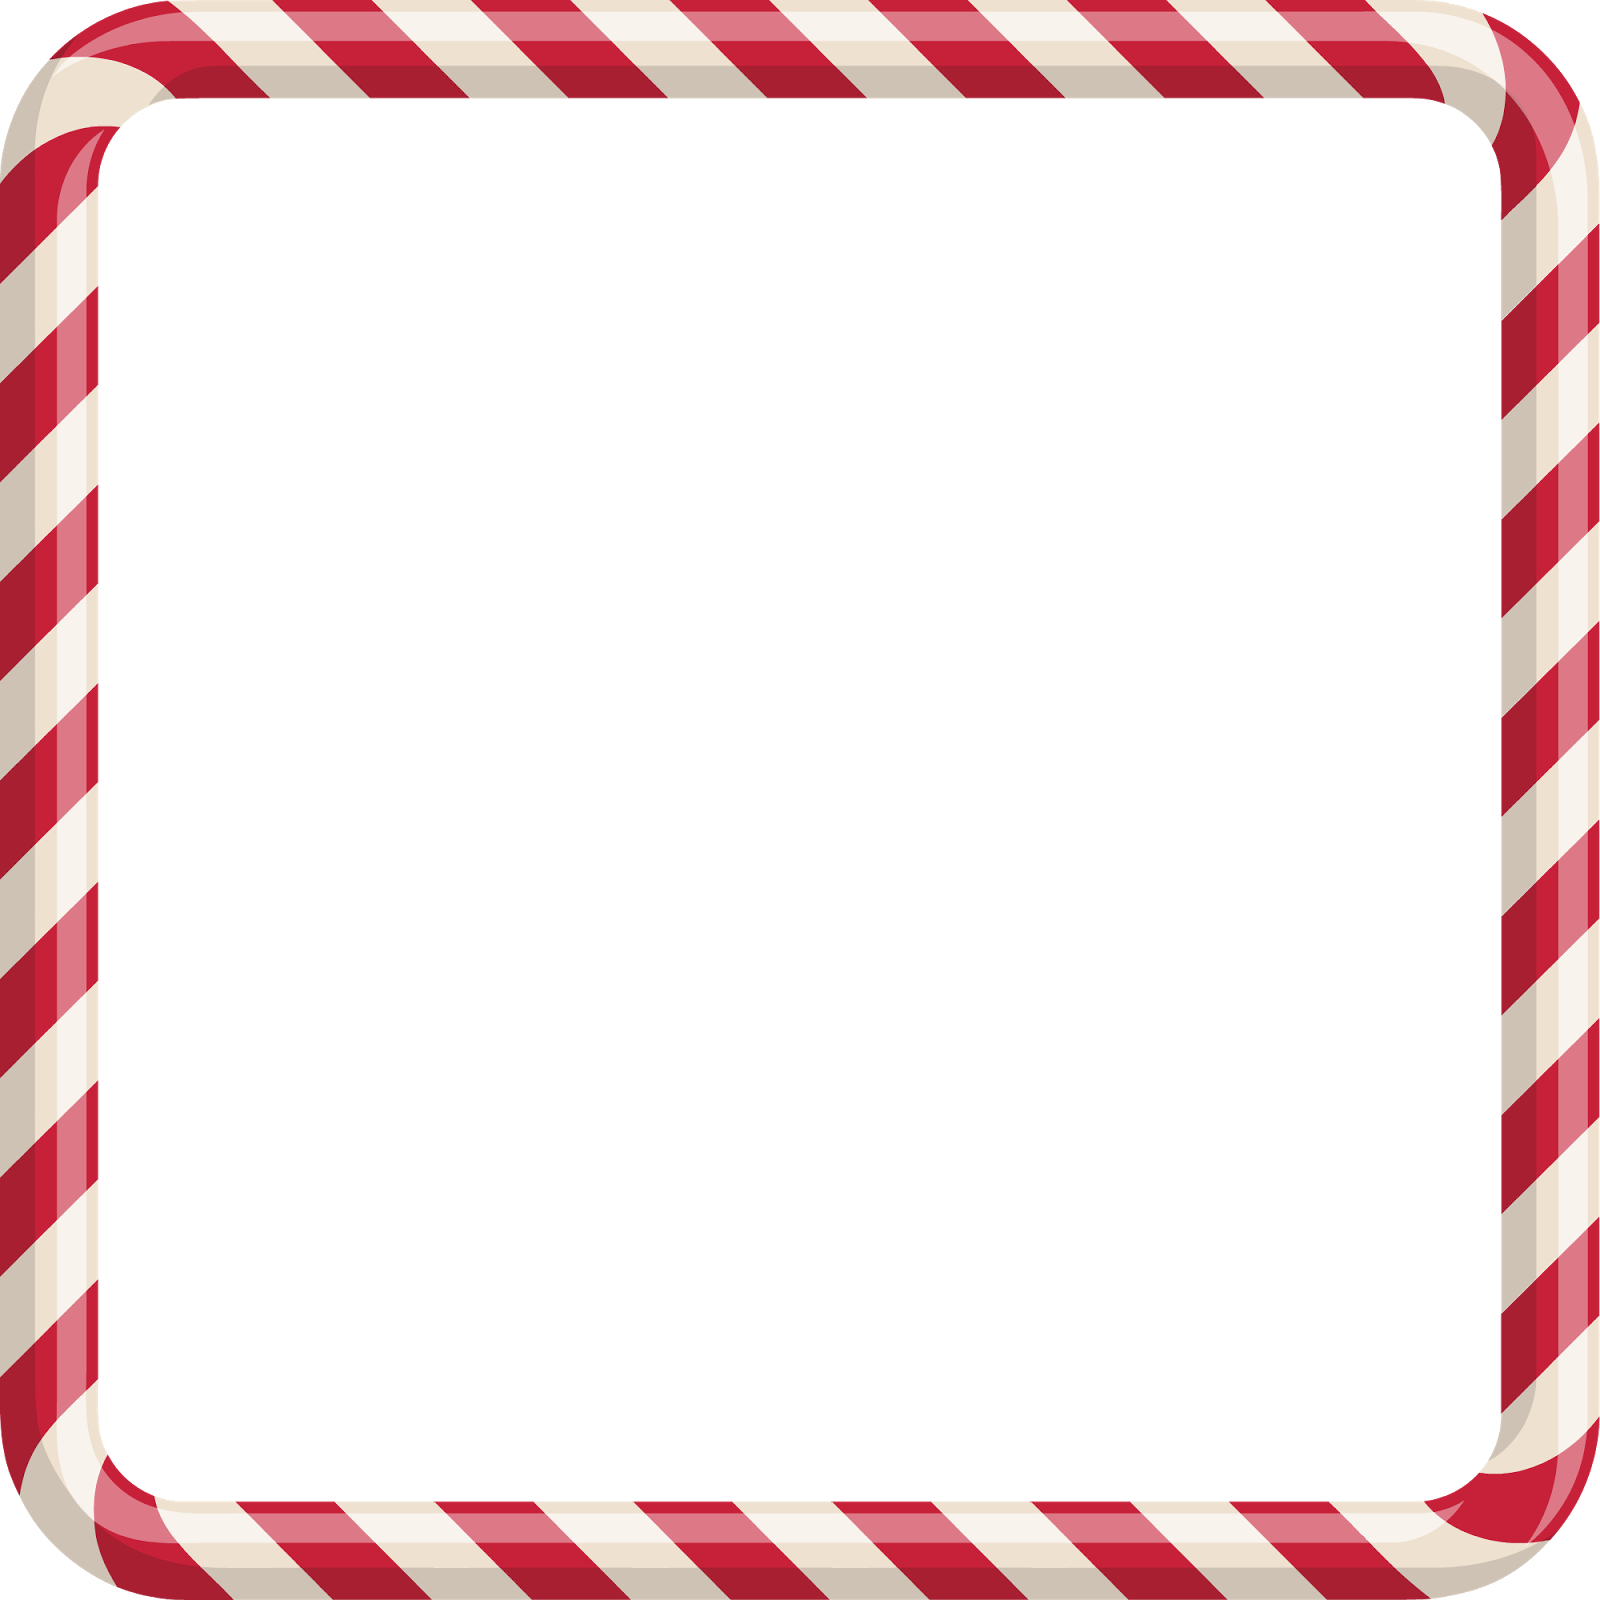 Wonderland In A Wardrobe: Candy Cane Frames Freebies! - 1600x1600 ...